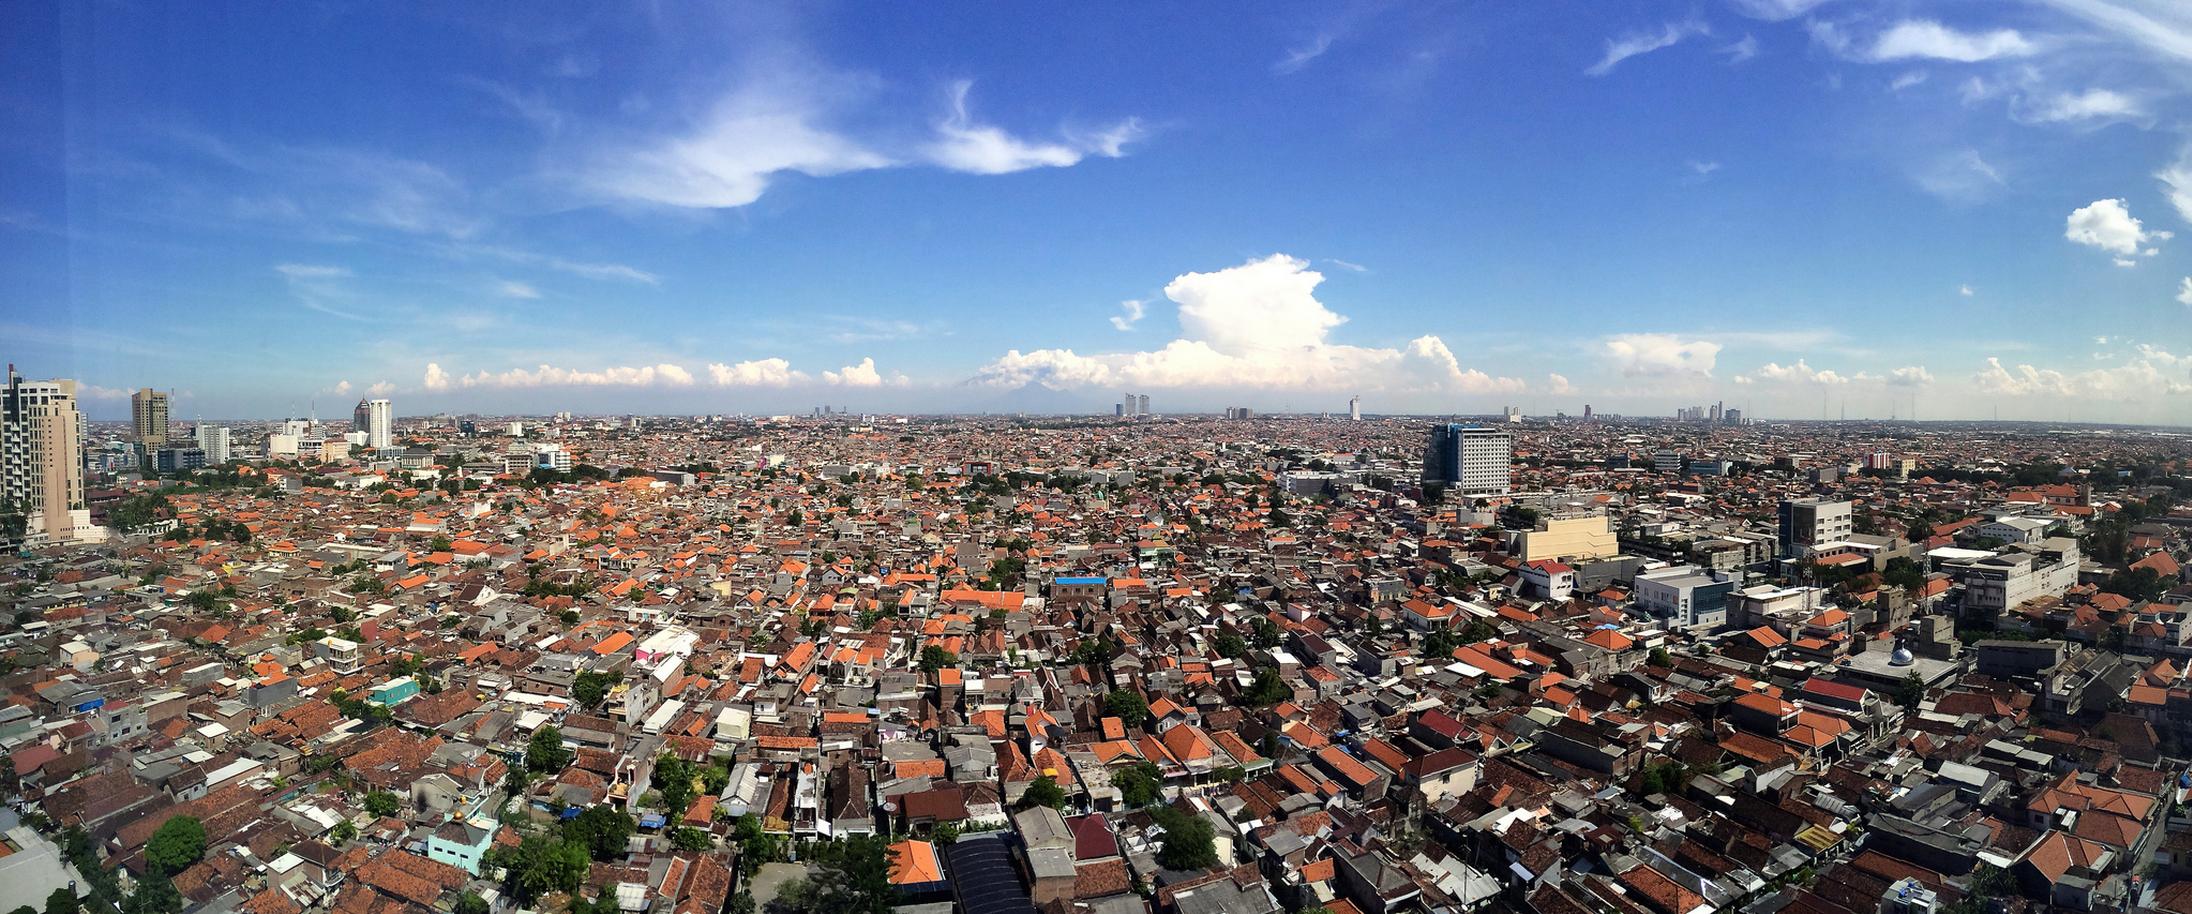 Surabaya1